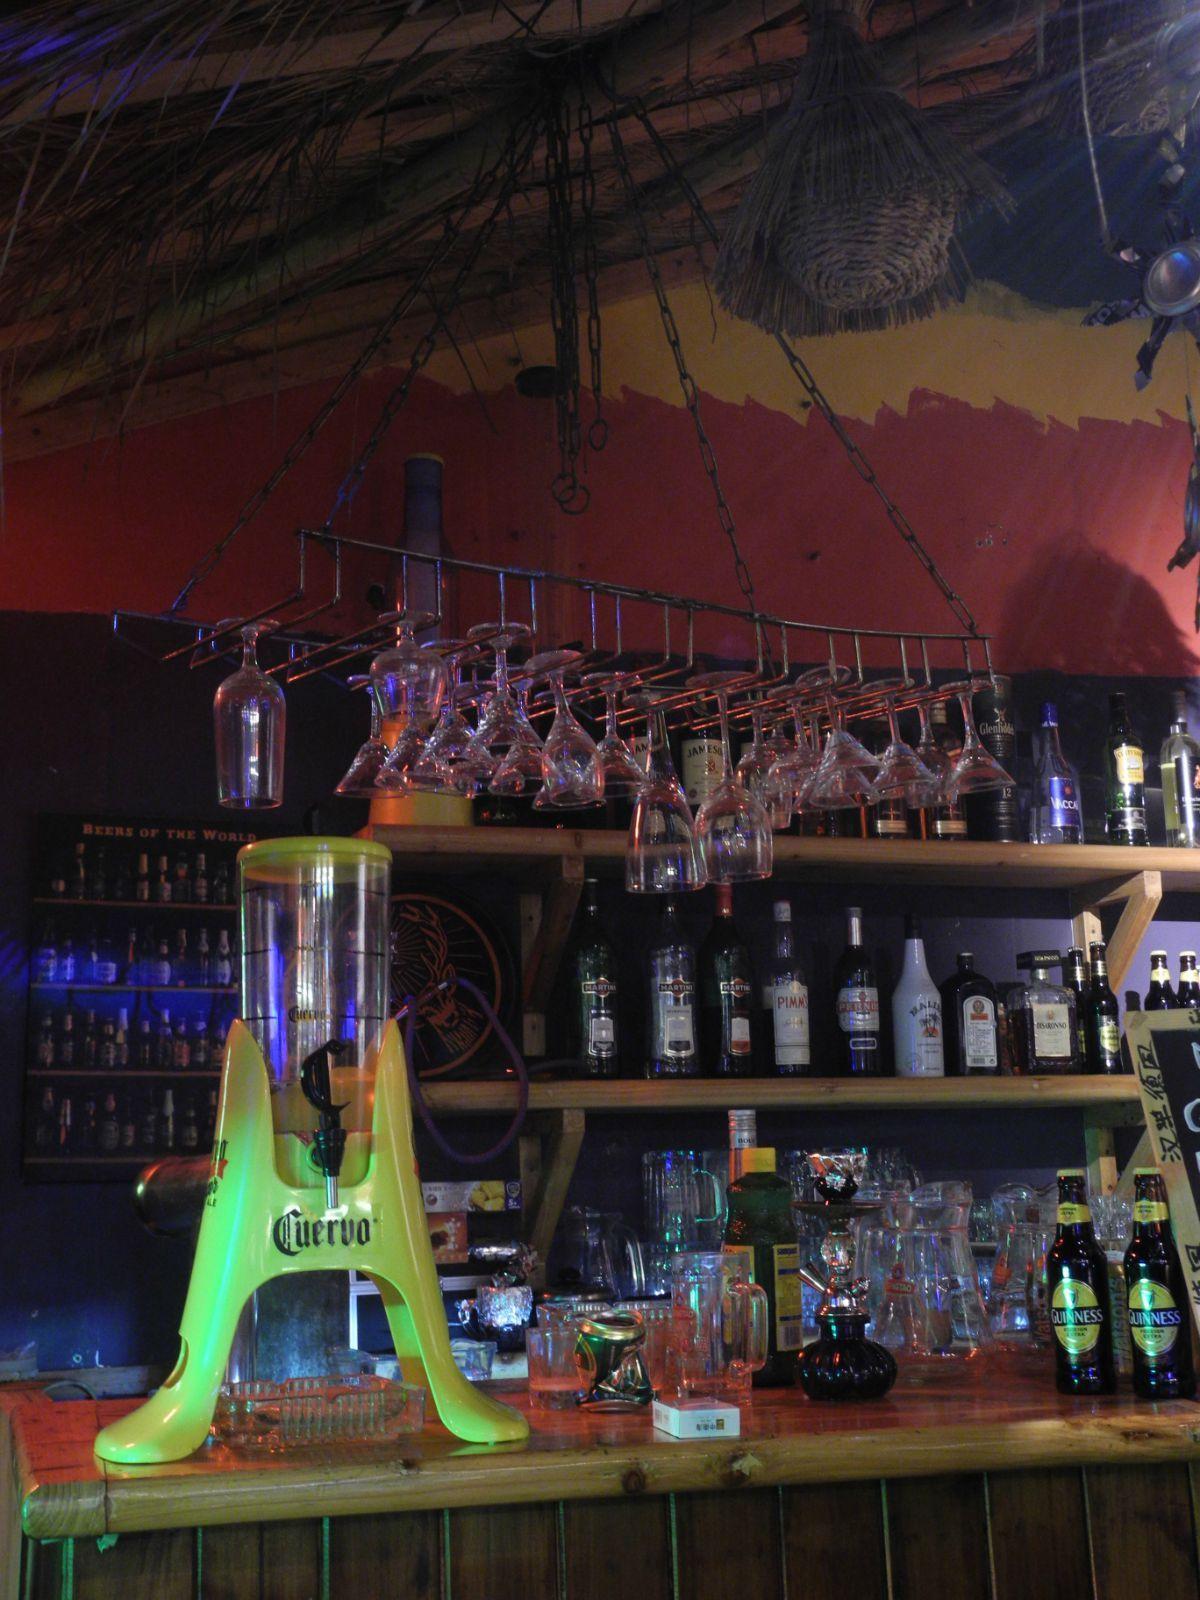 旁边似乎还有个阳朔故事,似乎也是这种相对比较安静的酒吧,就喝喝酒听